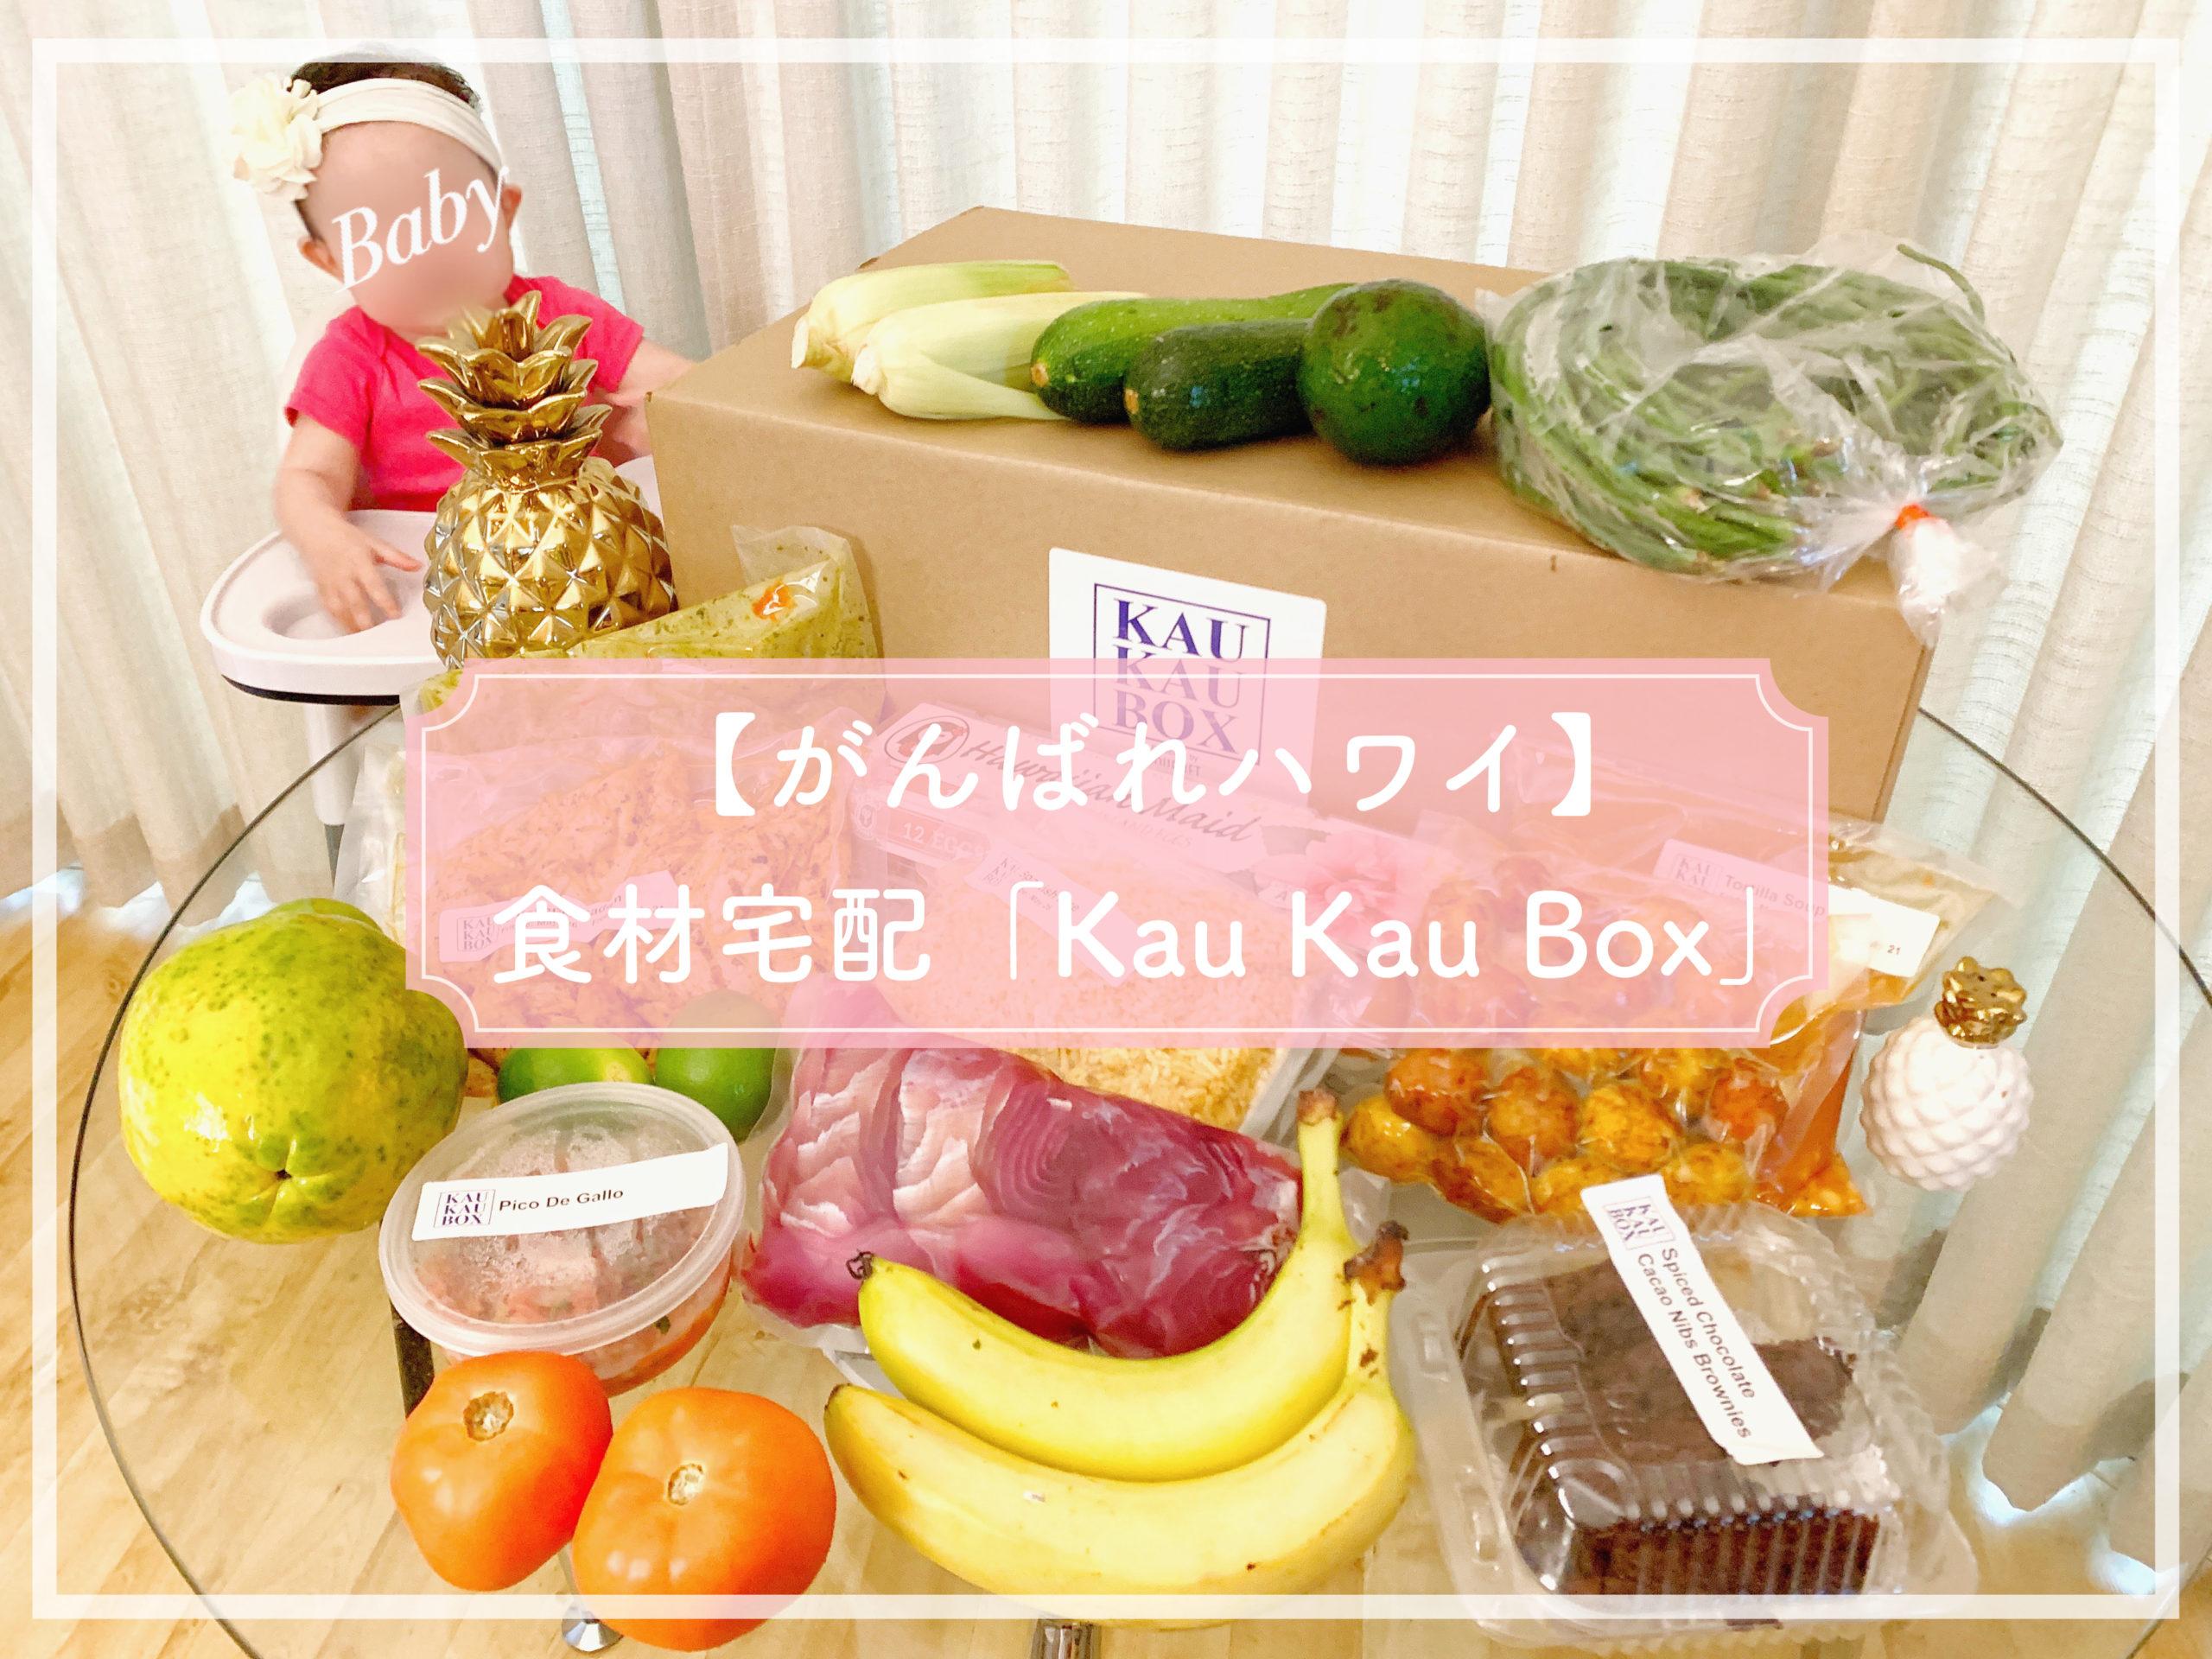 【がんばれハワイ】食材宅配サービス「Kau Kau Box(カウカウボックス)」がすごい!豪華食材とシェフの味